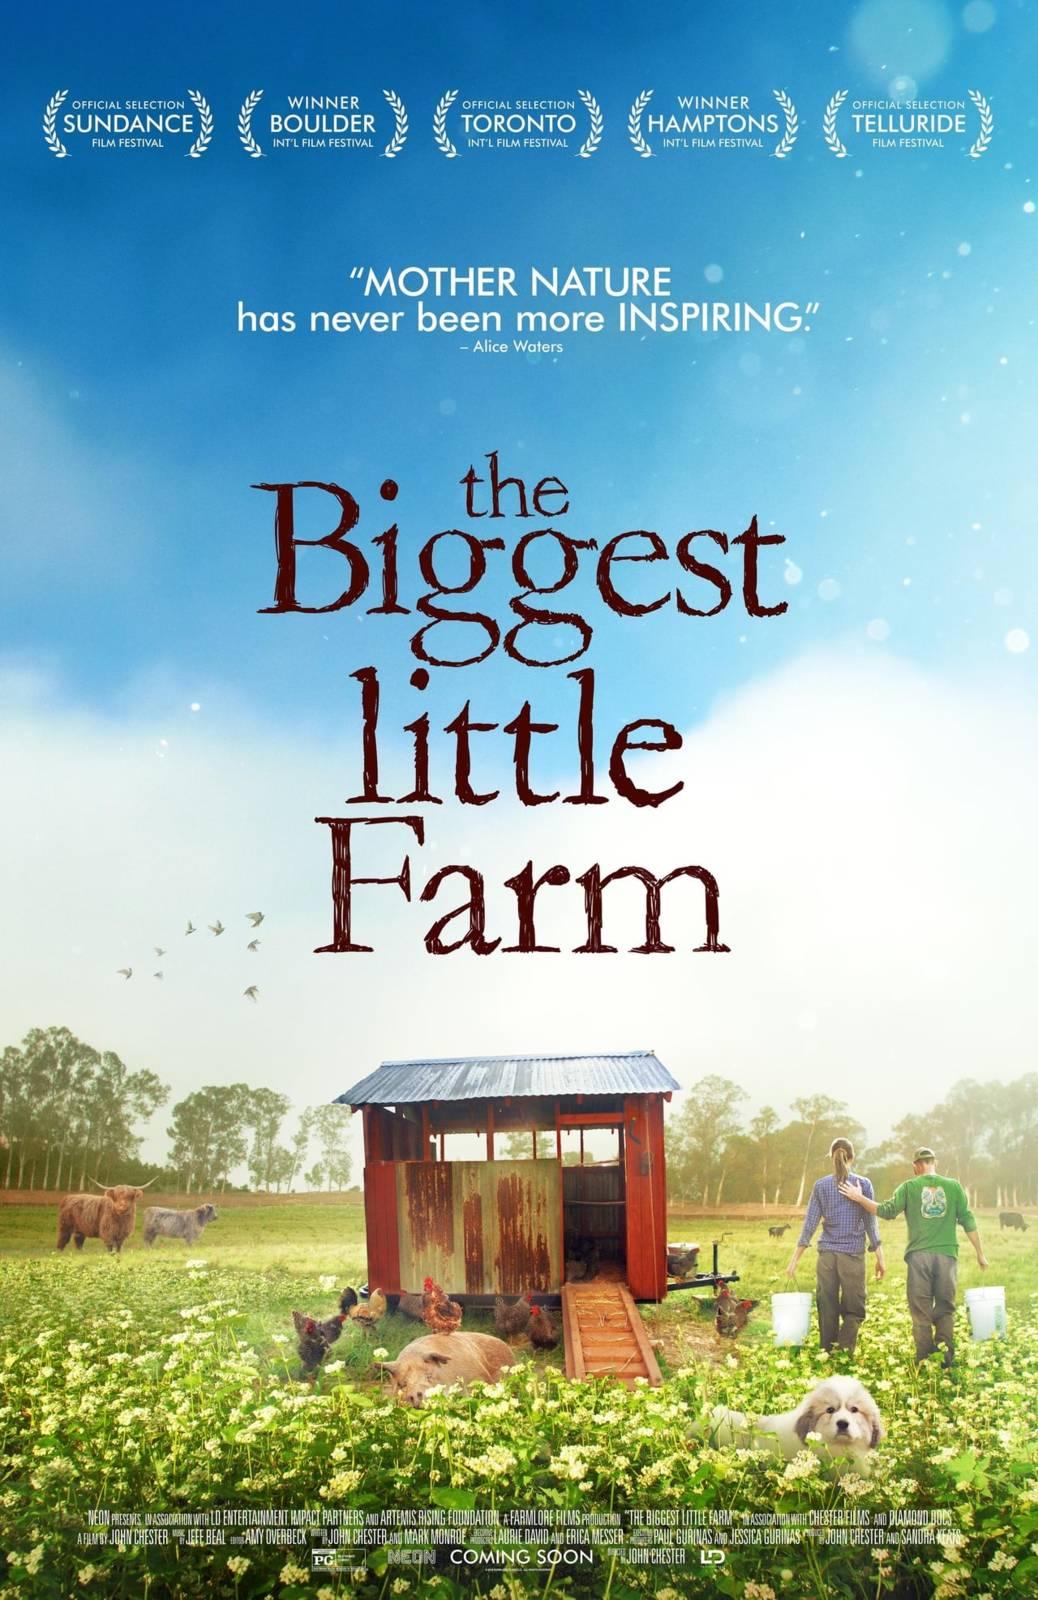 Bildergebnis für THE BIGGEST LITTLE FARM